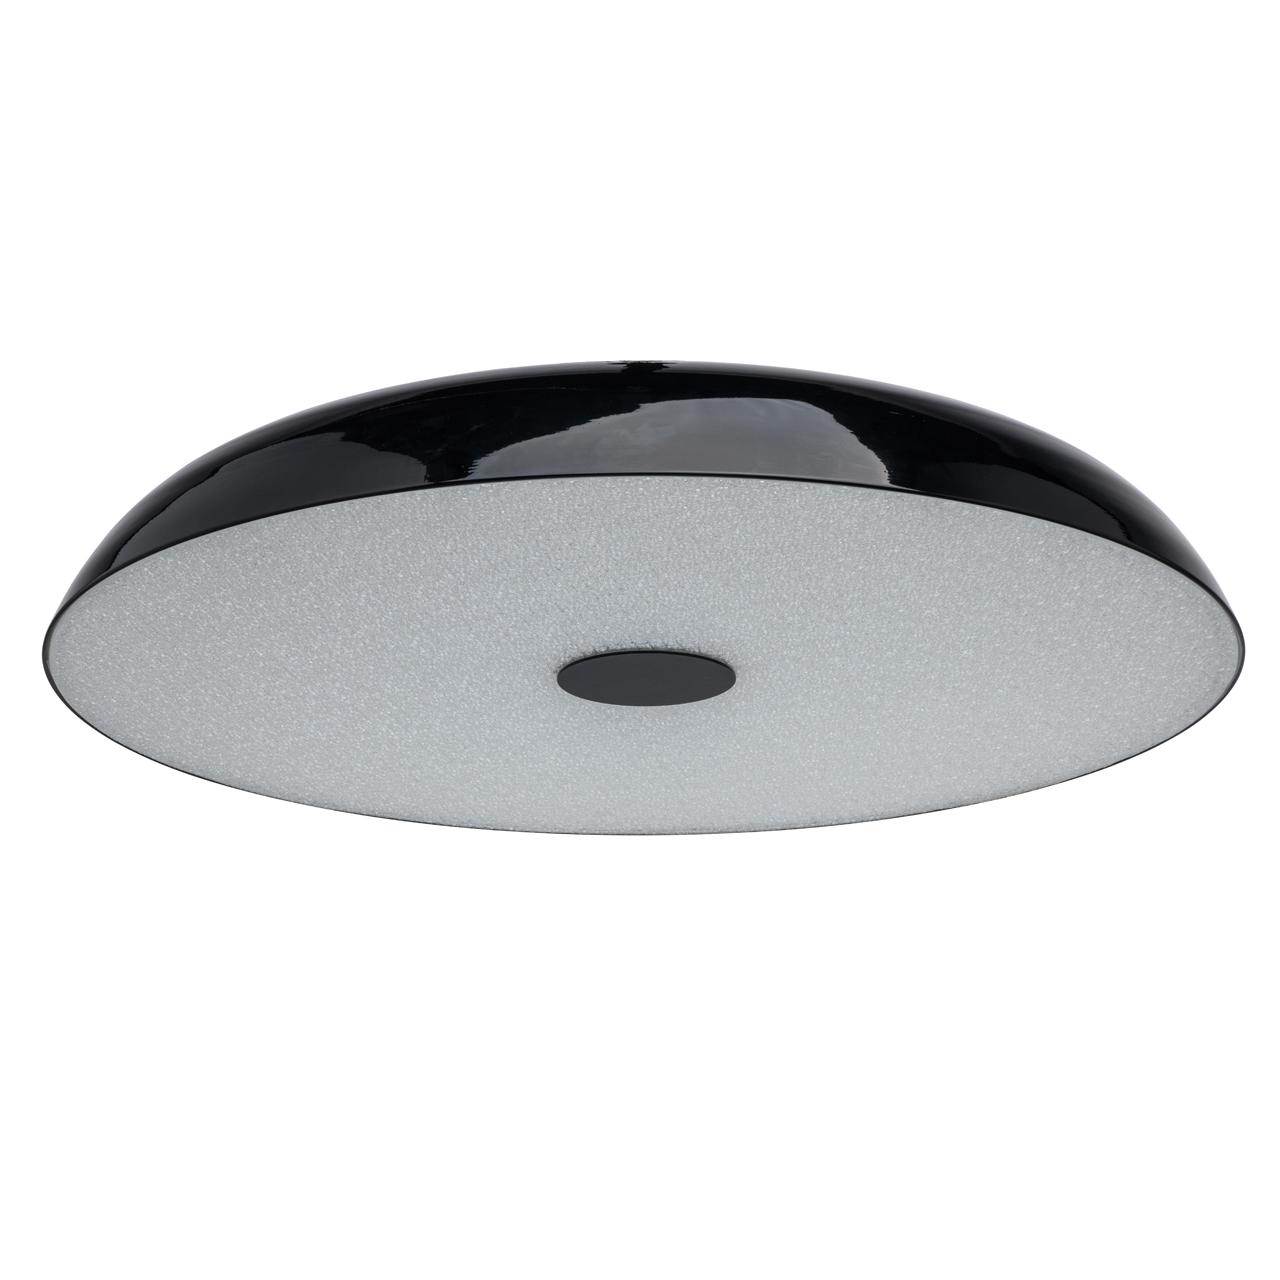 Потолочный светильник MW-Light Канапе 708010609, 9xE27x10W, черный, матовый, металл, стекло - фото 1